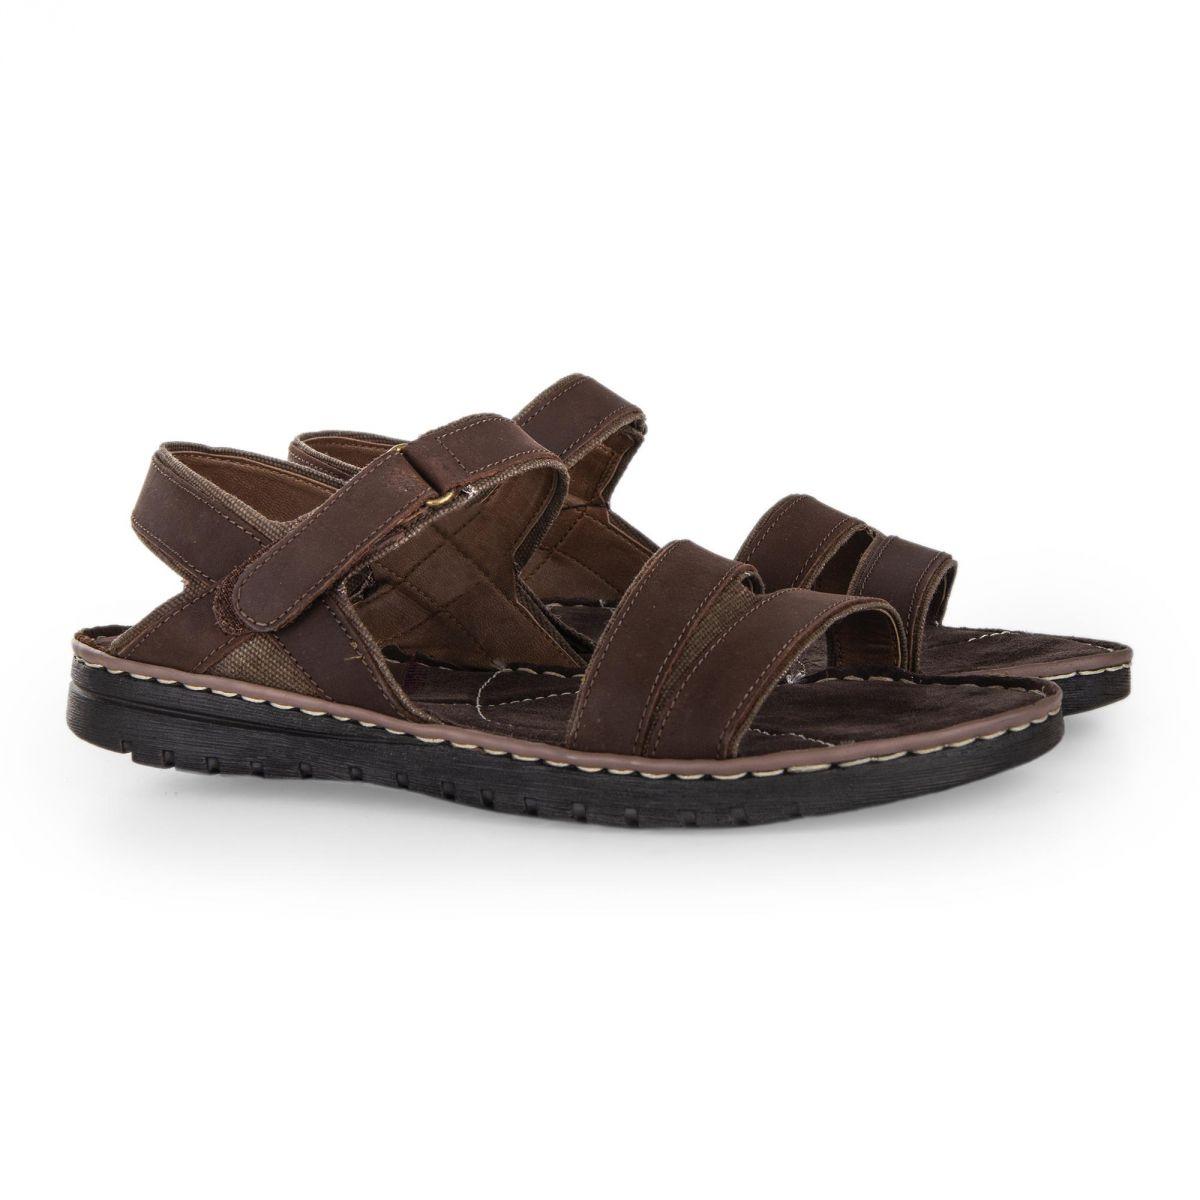 9d0e832bc6a ... Sandales en cuir marron LESLEY homme ROADSIGN marque pas cher prix  dégriffés destockage ...